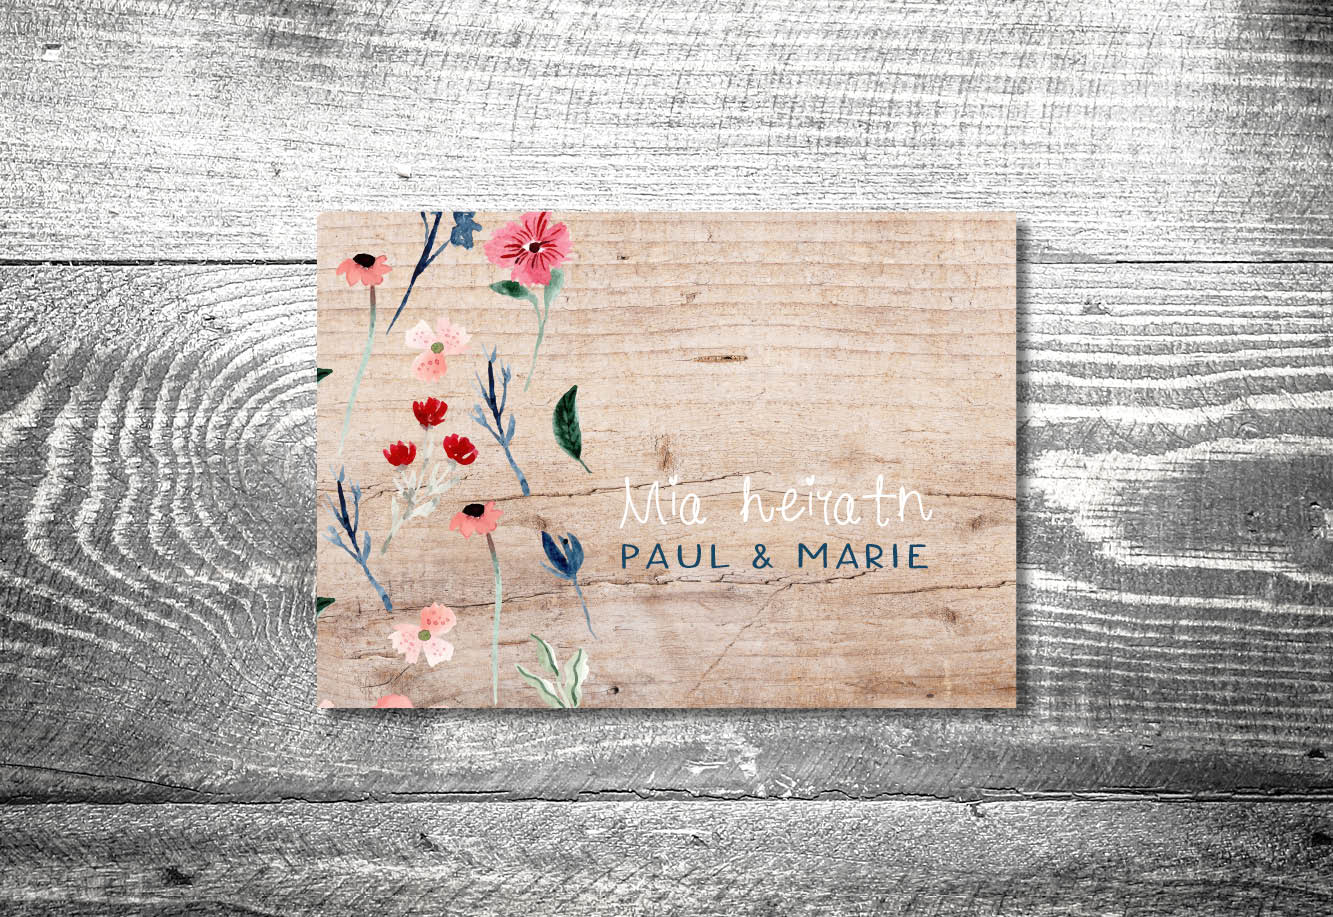 kartlerei bayrische einladungskarten hochzeitseinladung bluetenliebe - Hochzeitskarten Set